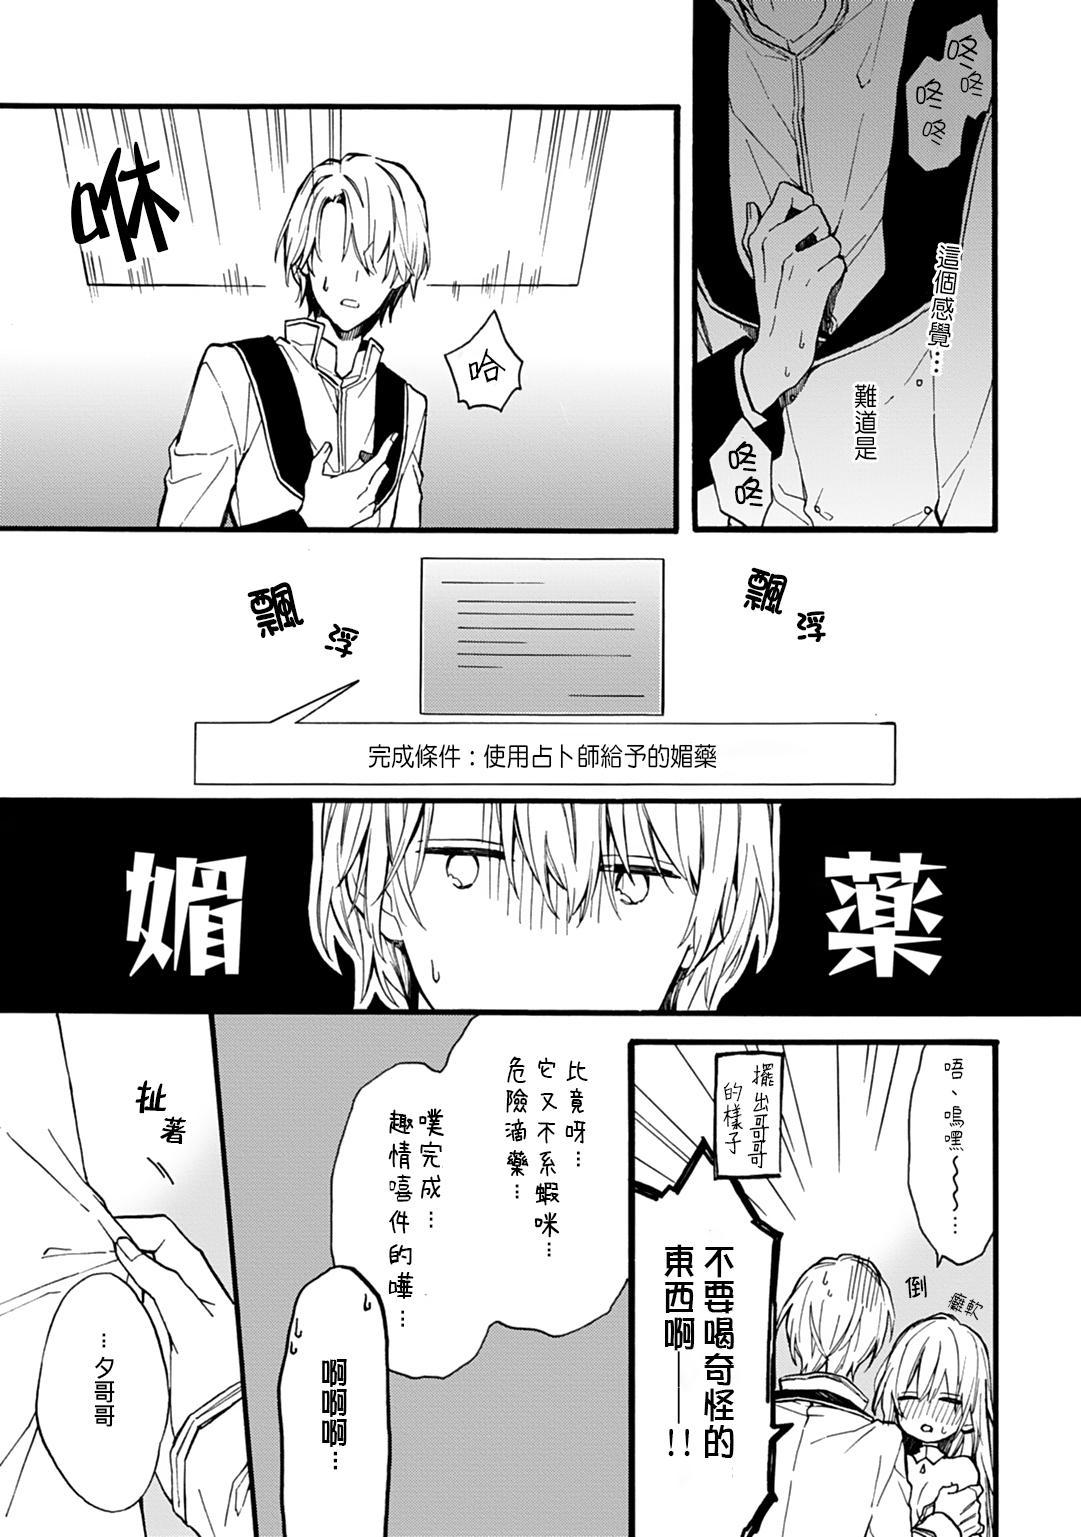 [Suzushiro Nerita] Otomege (18-kin) de Nyotaika shita Ore wa ~Clear Jouken wa Dekiai Ecchi!?~ 1-3 [Chinese] 79